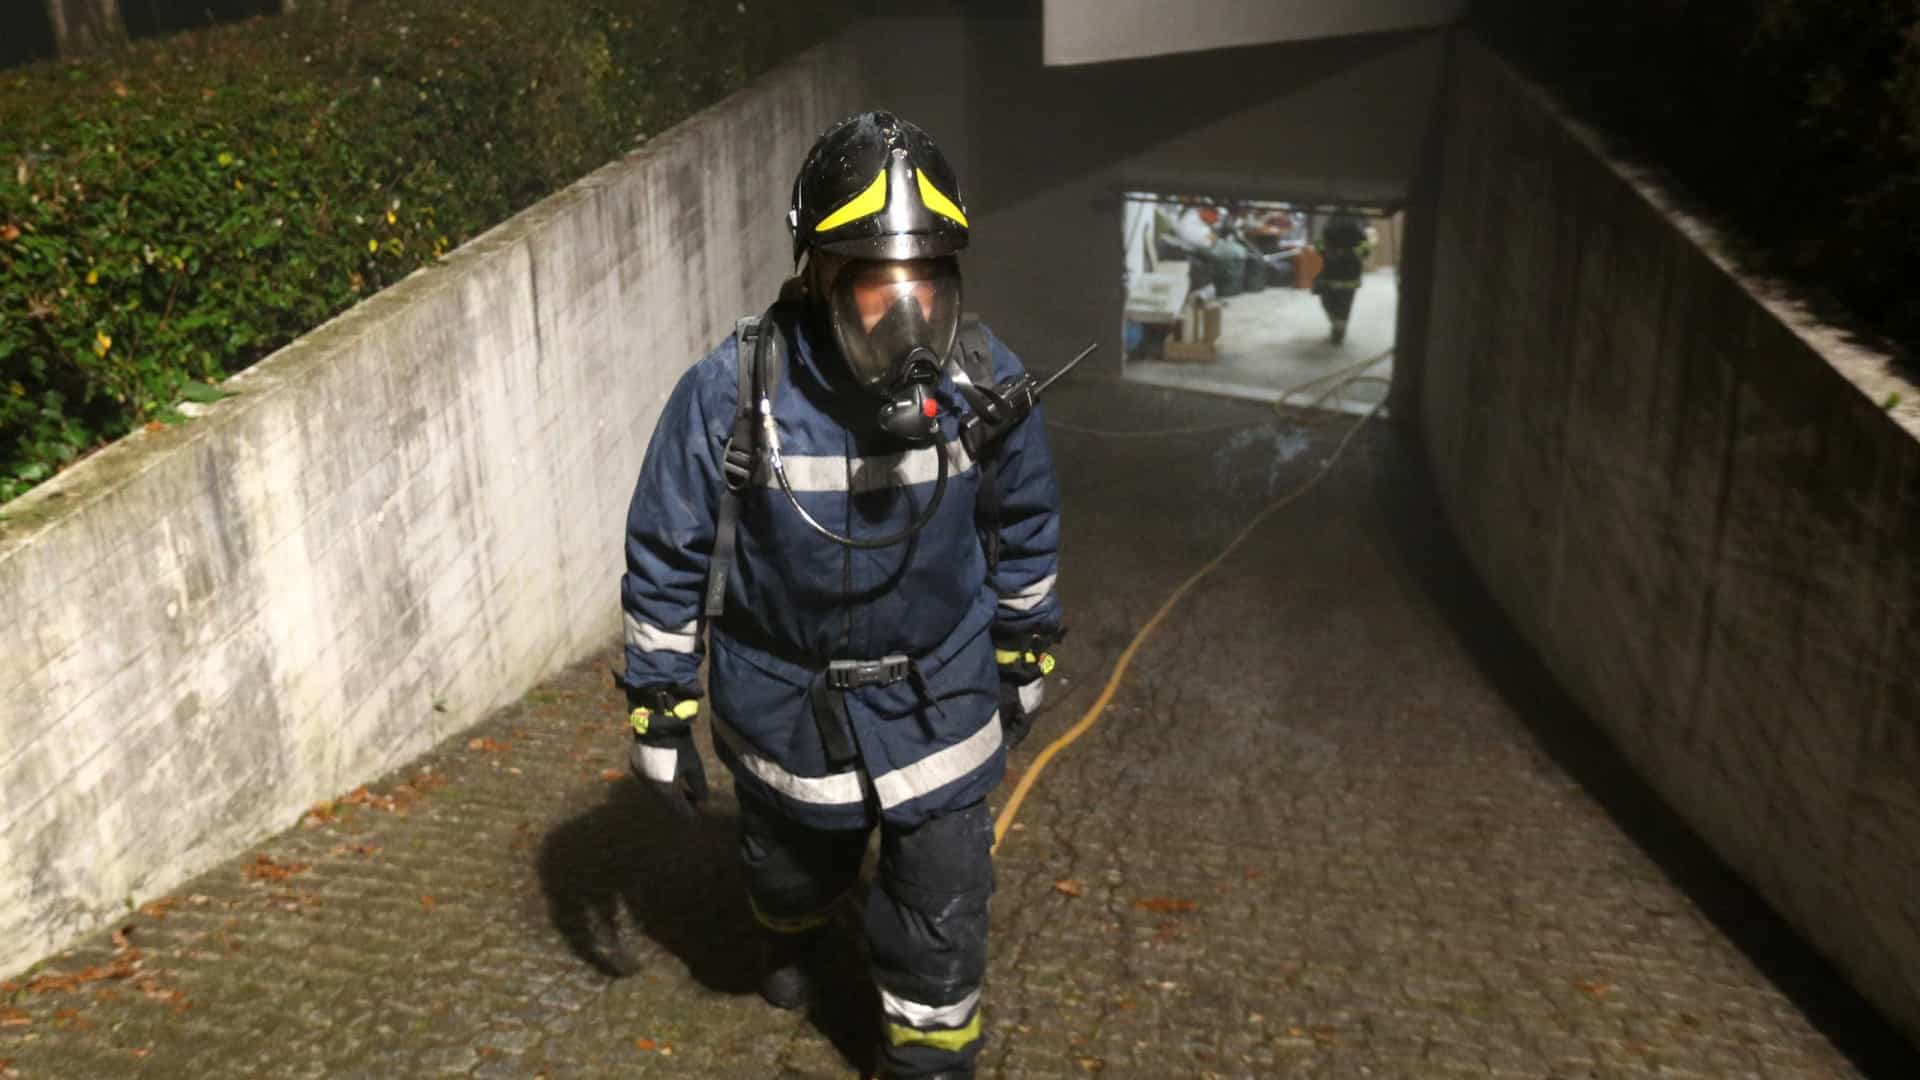 Incêndio destruiu vários carros em parque subterrâneo de Monchique